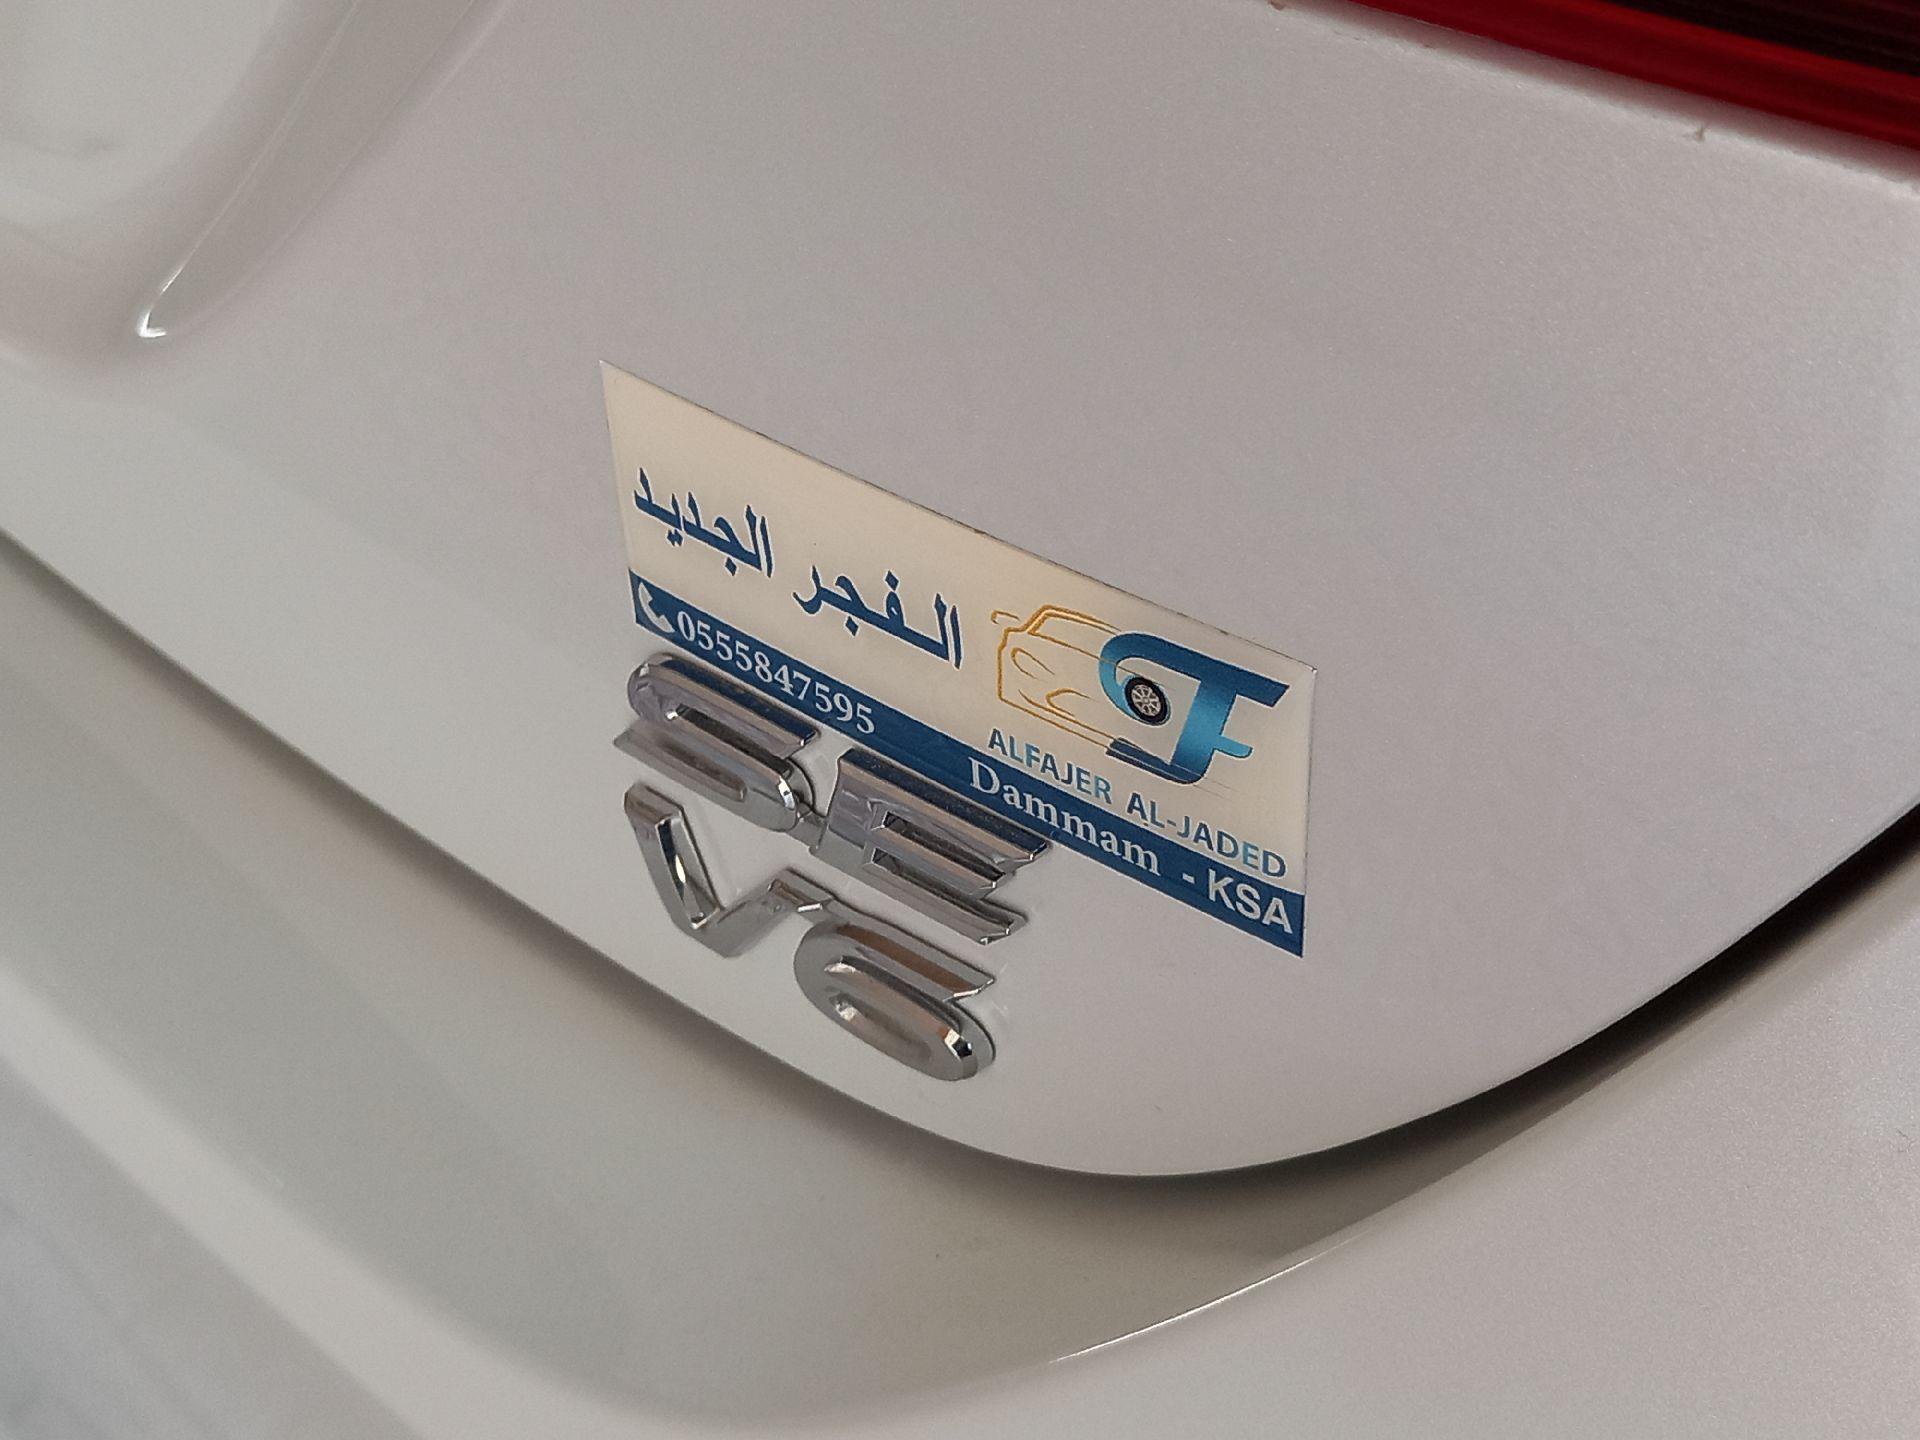 تويوتا كامري SE V6 فل 2021 سعودي جديد للبيع في الدمام - السعودية - صورة كبيرة - 3